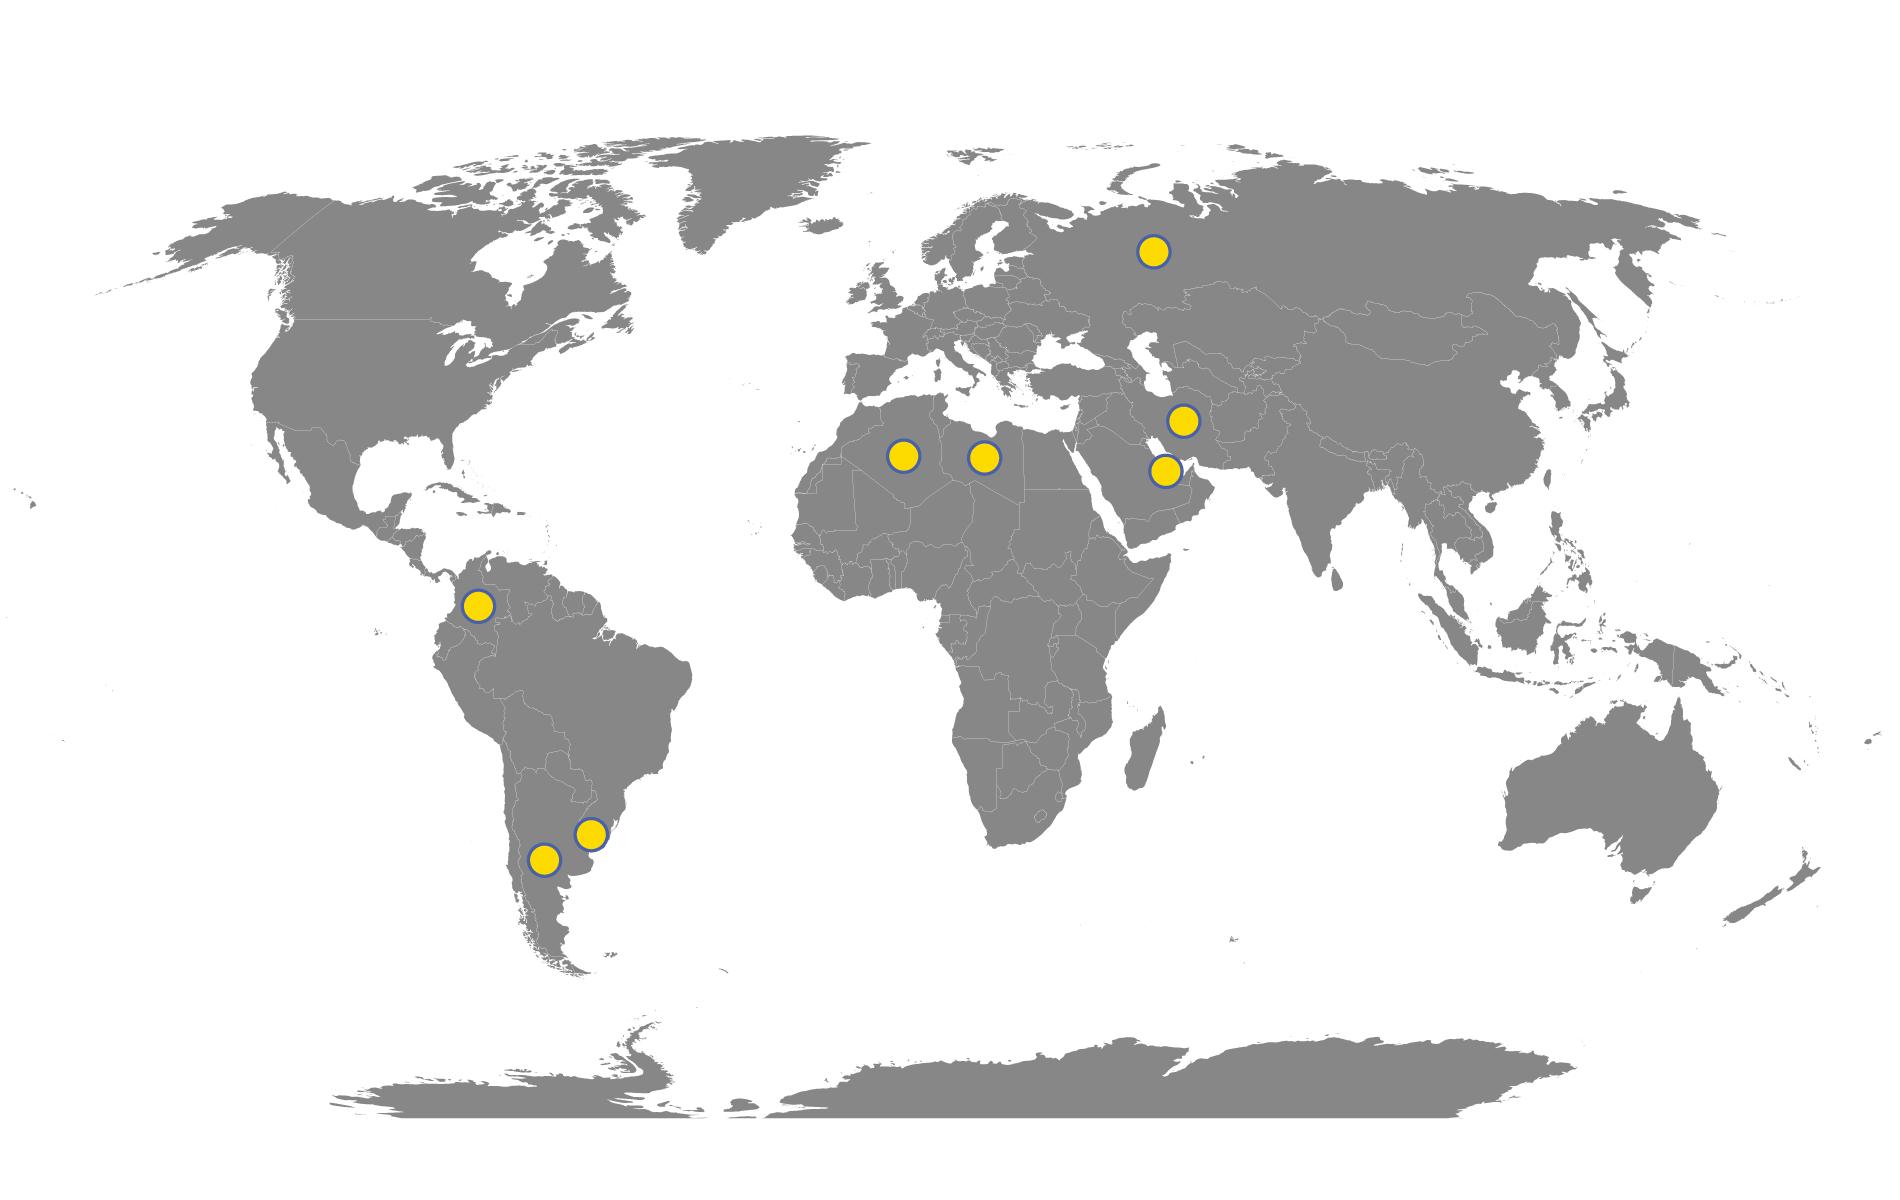 Immagine di un planisfero con evidenziati gli stati dove sono presenti commesse gestite da Anas